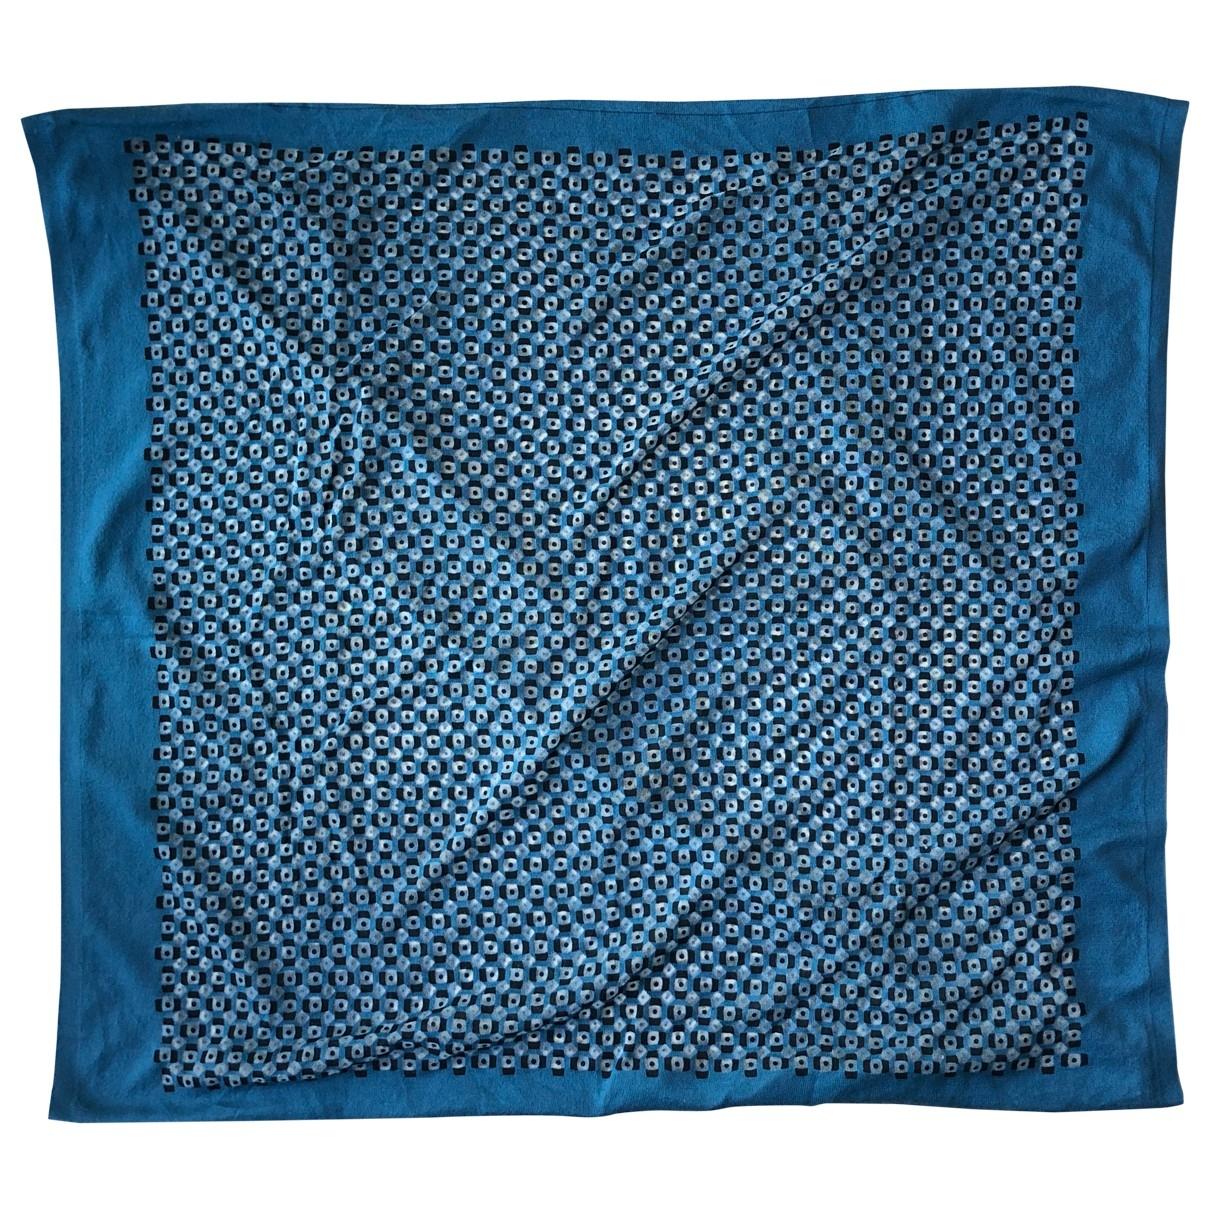 Hermes \N Tuecher, Schal in  Blau Baumwolle